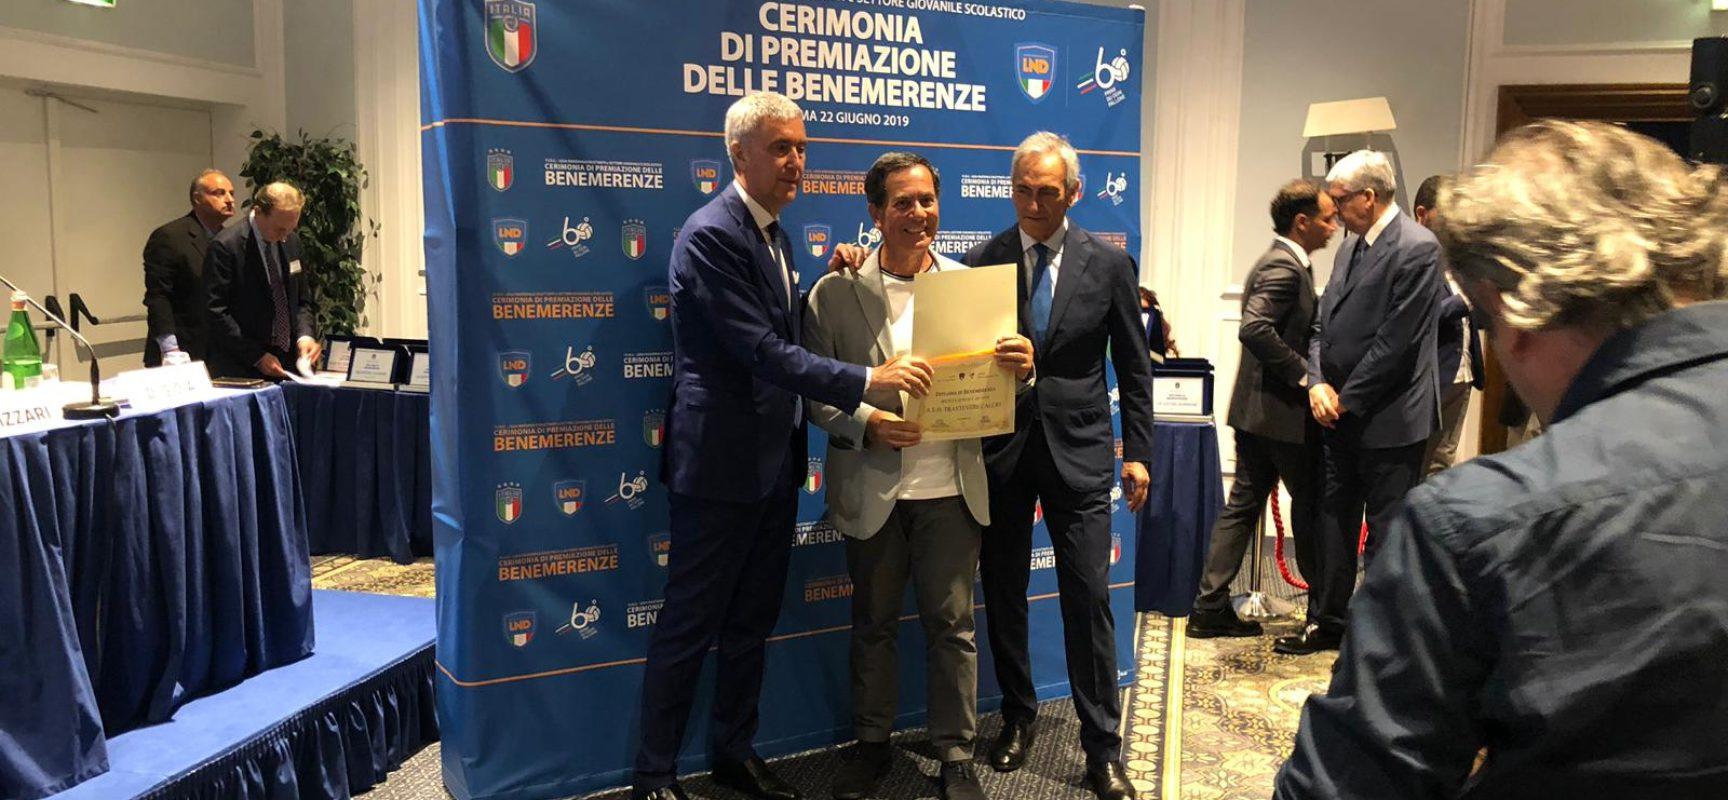 TRASTEVERE PREMIATO DALLA FIGC PER I 100 ANNI DI ATTIVITÀ